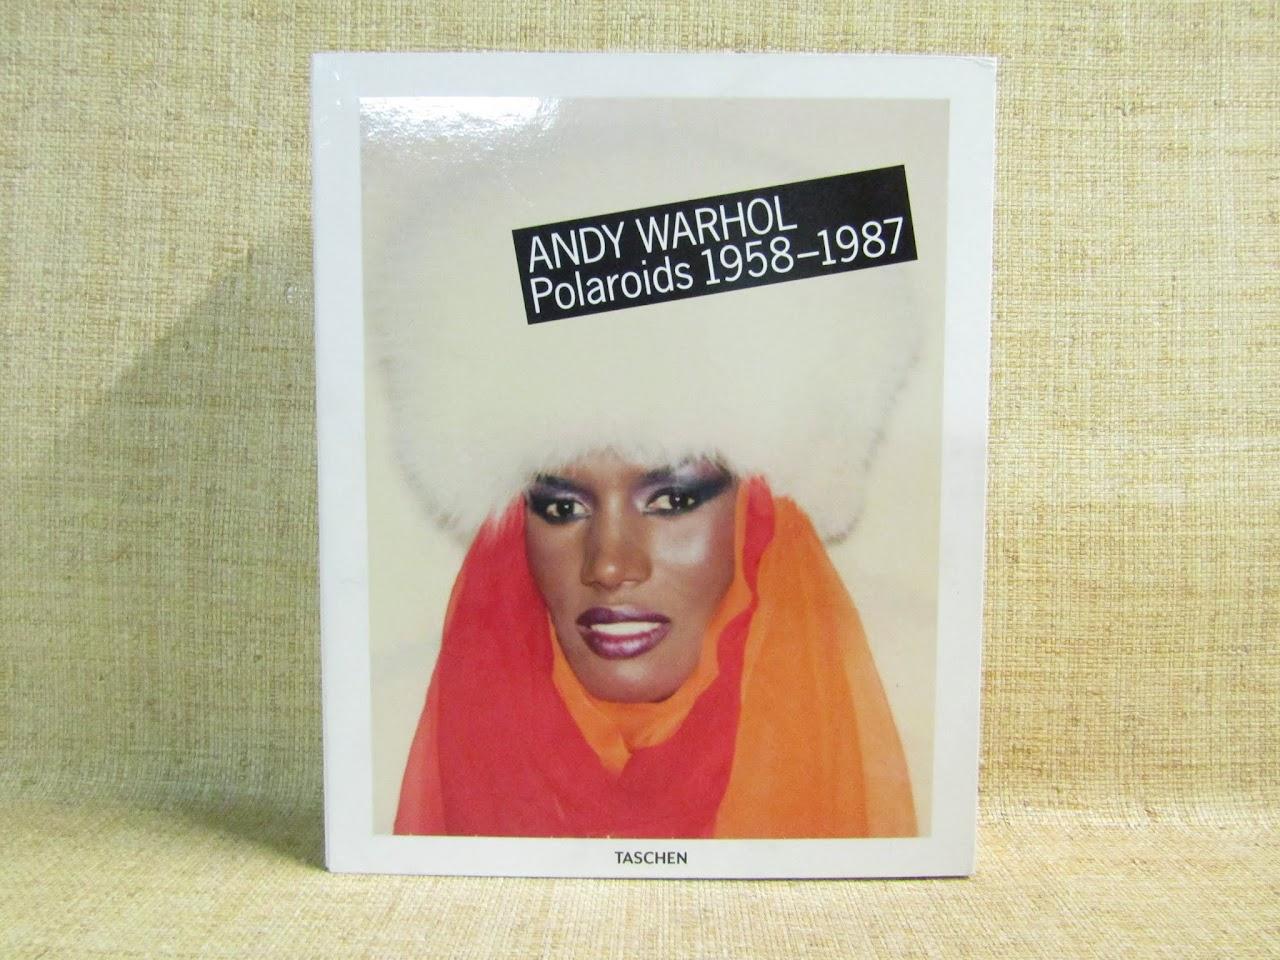 'Andy Warhol Polaroids 1958-1987' Book by Taschen